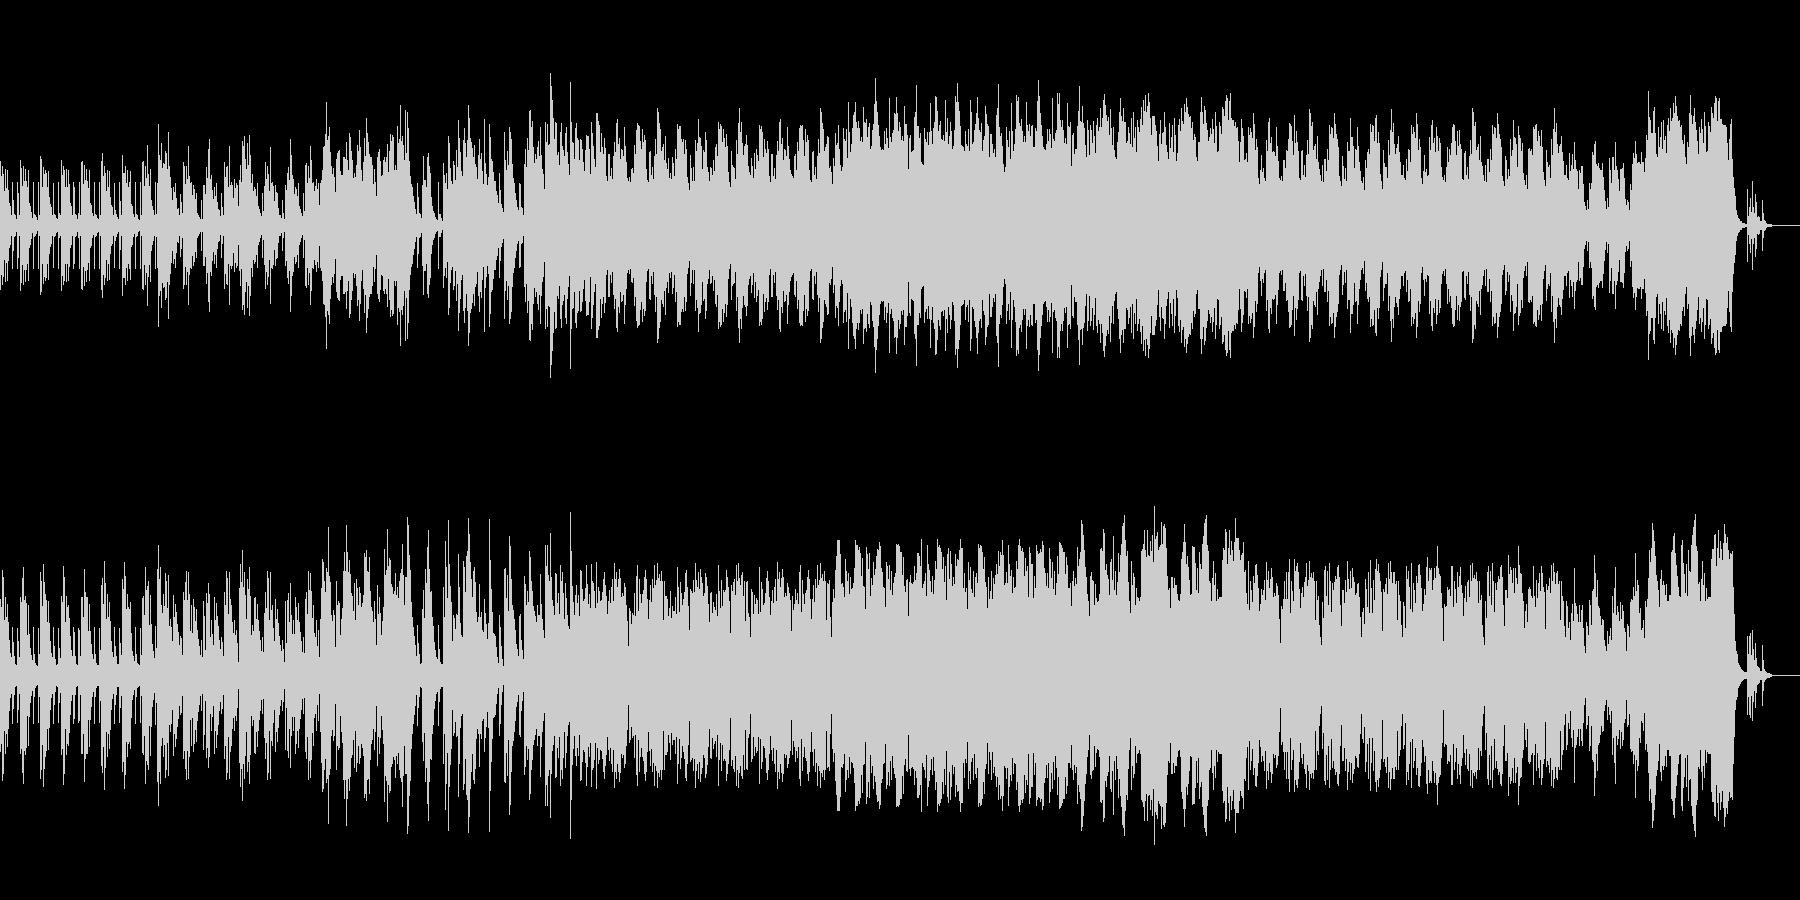 ピアノの旋律が印象的なピアノソロの未再生の波形